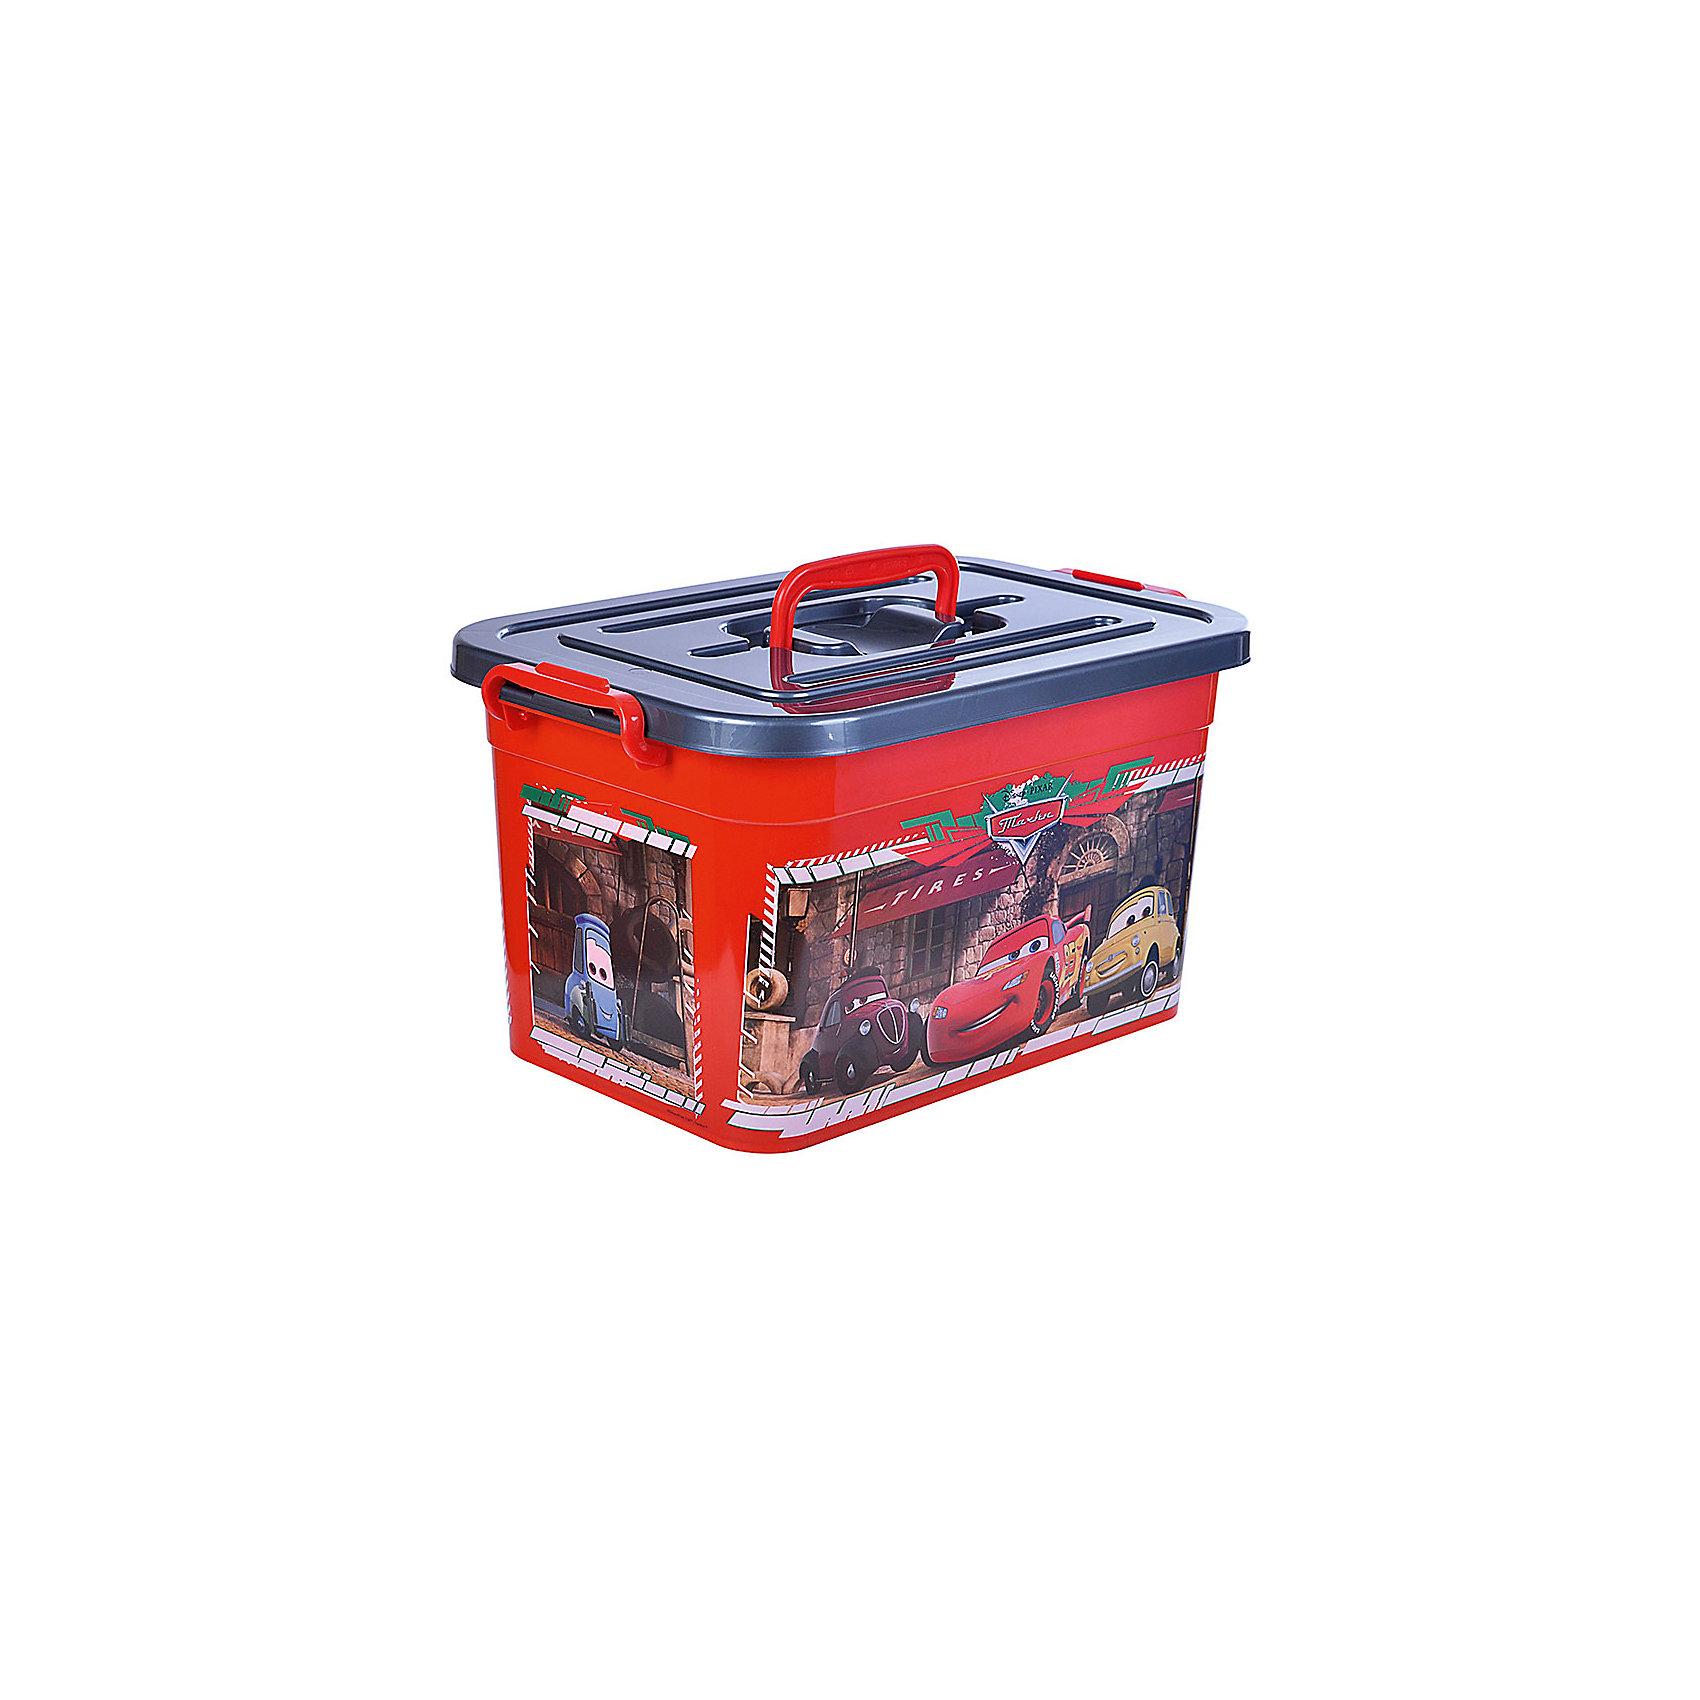 Полимербыт Ящик для игрушек Тачки, 10л